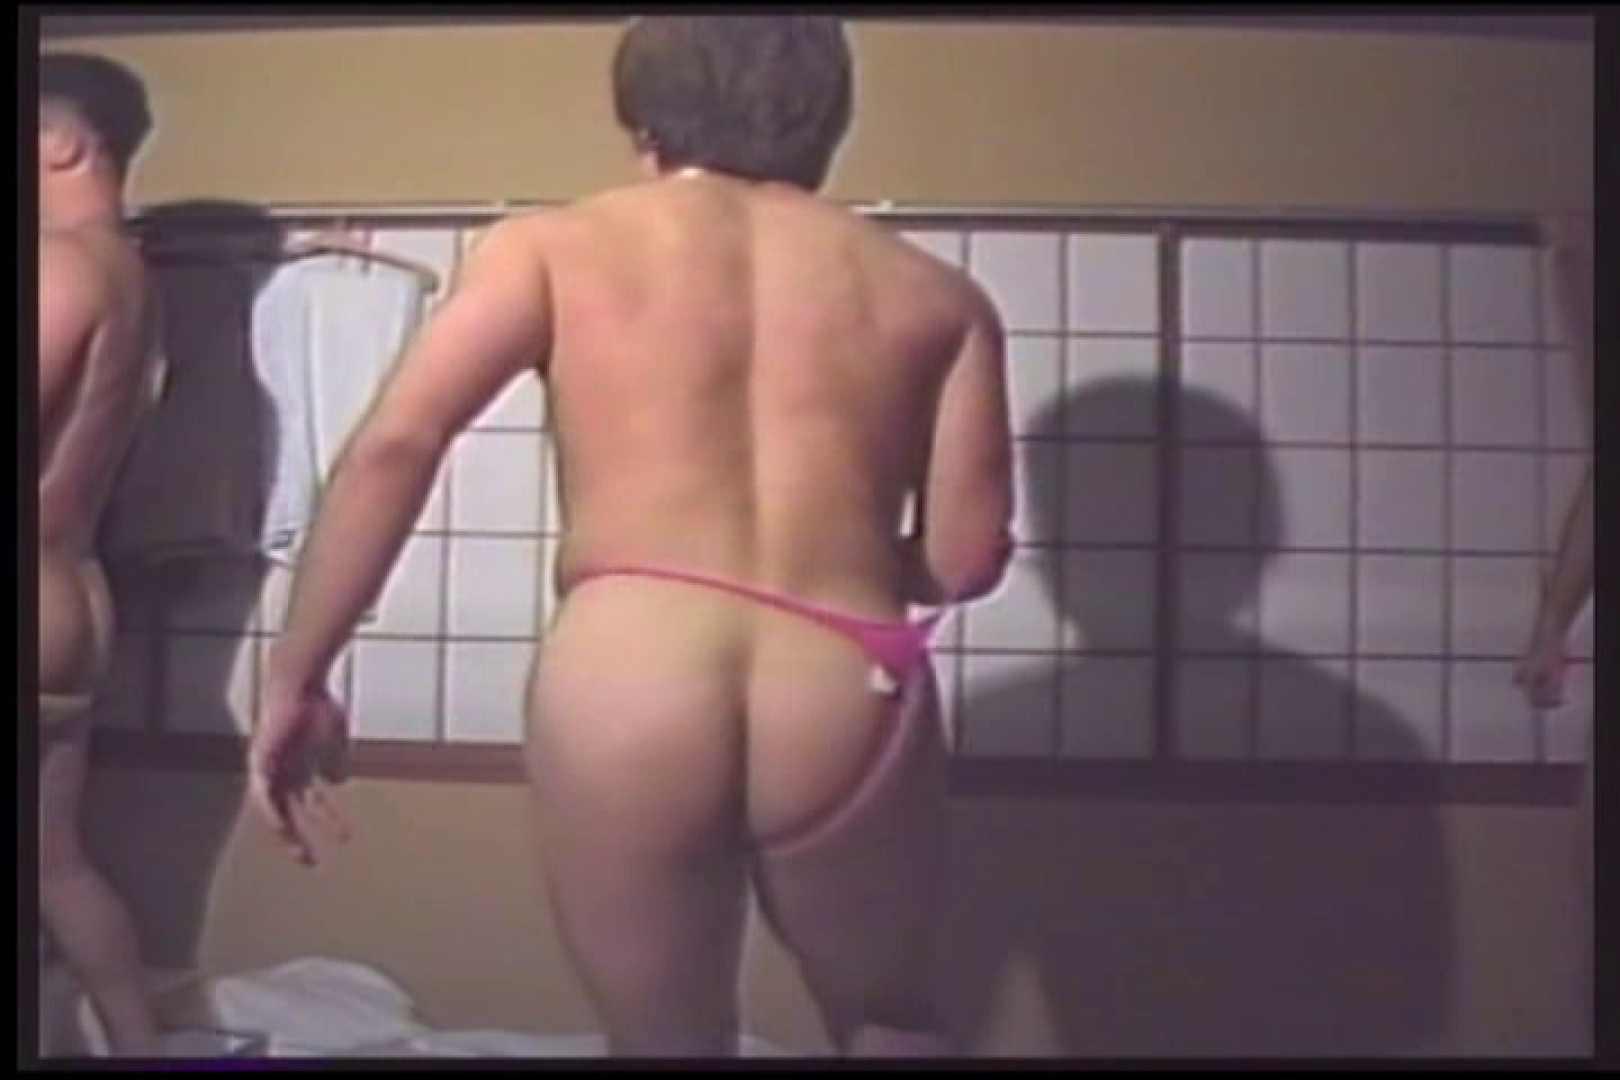 若人は元気!新歓合宿にておふざけ特集VOL.03 ゲイな学生 ゲイモロ見え画像 87連発 30